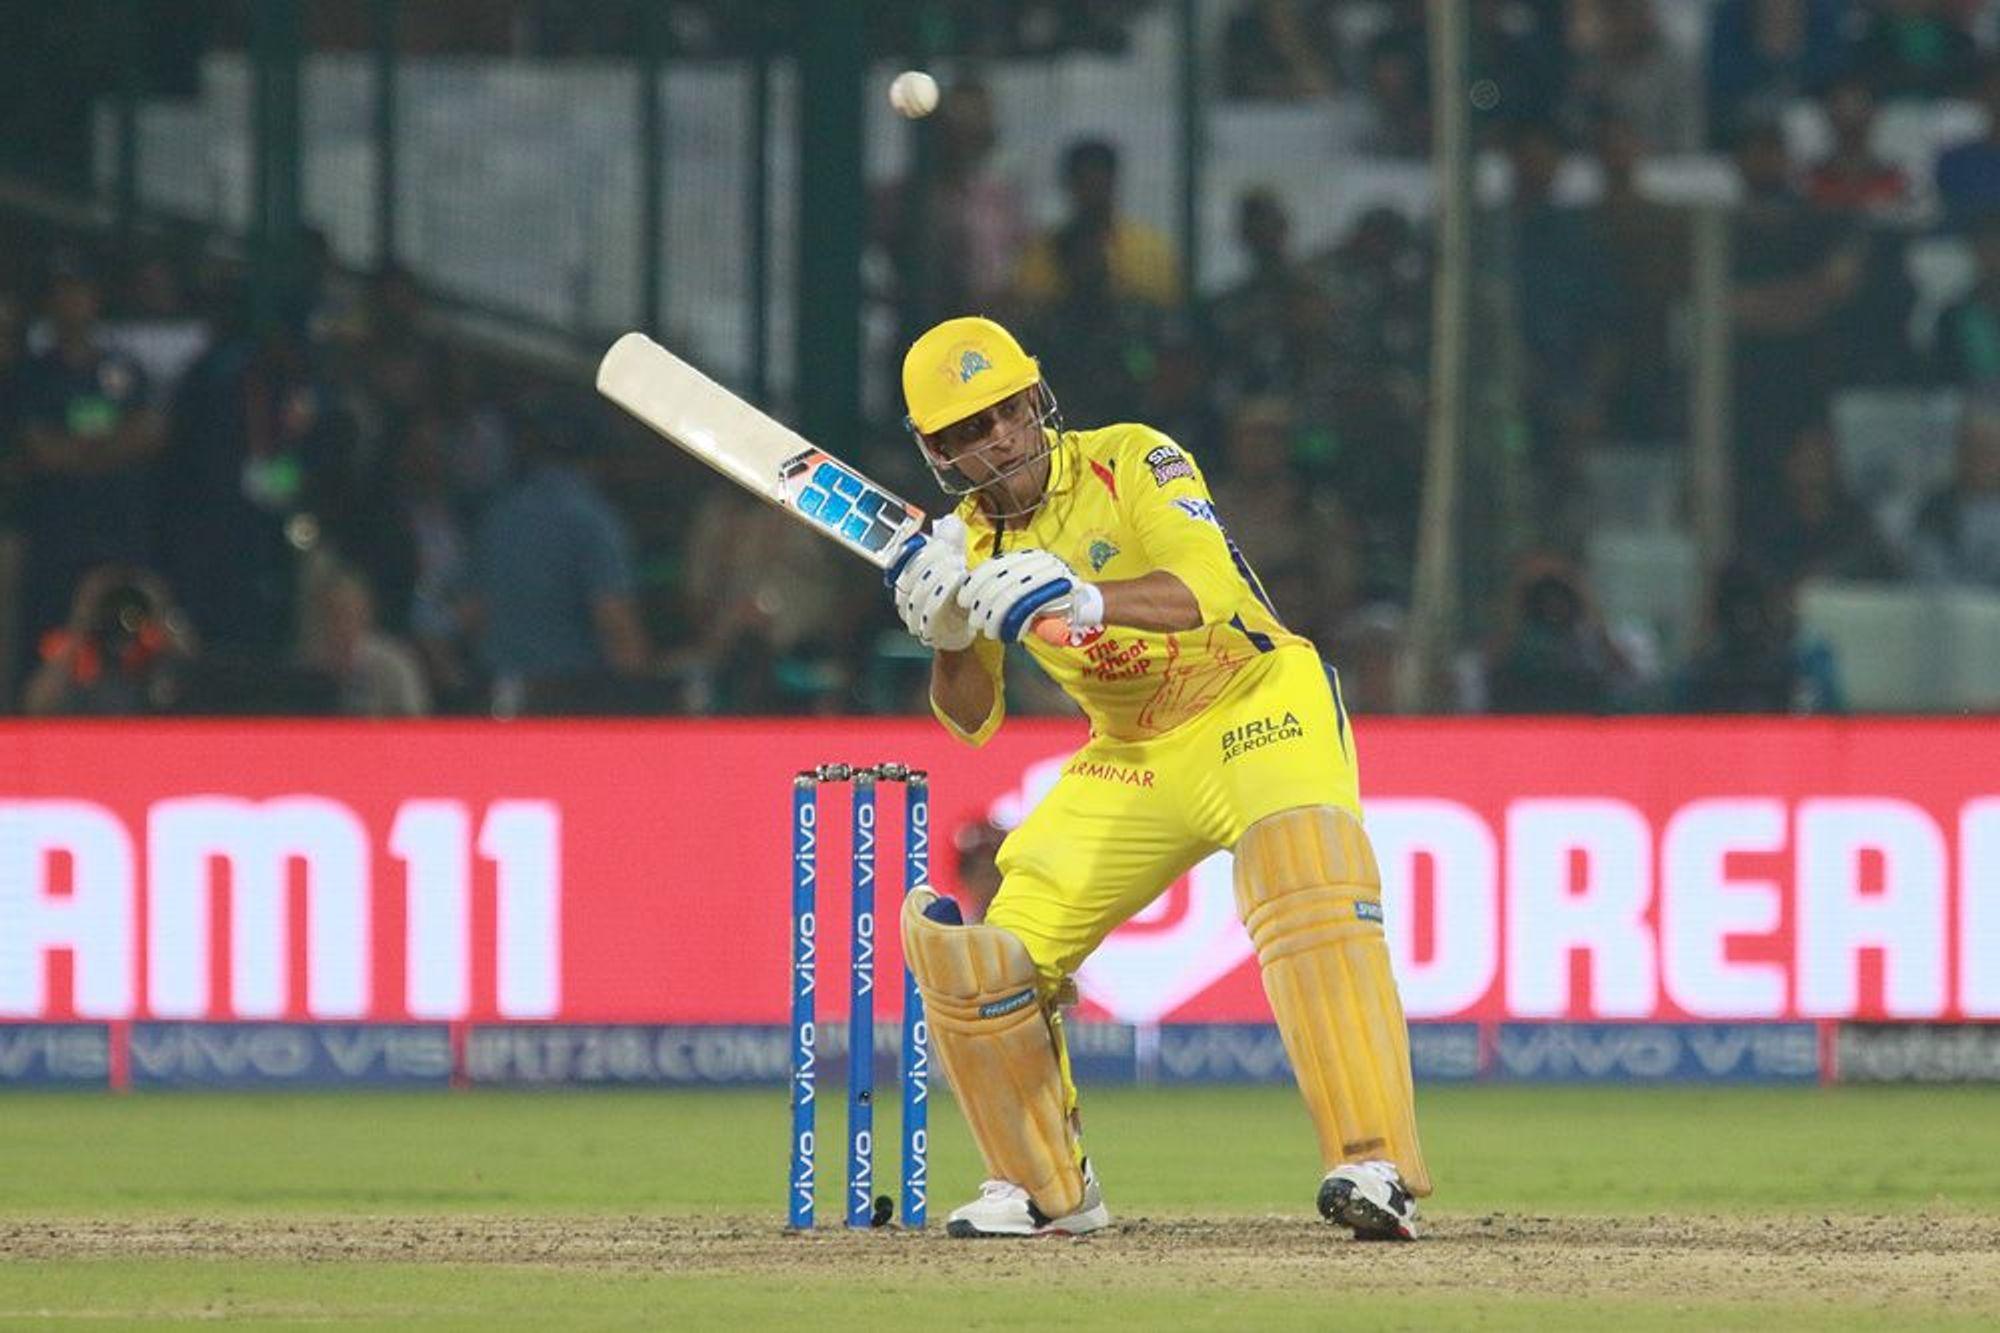 कॅप्टन कूल महेंद्र सिंग धोनी तिसऱ्या स्थानावर असून धोनीने आयपीएलच्या 177 सामन्यात 187 षटकार मारले आहेत.